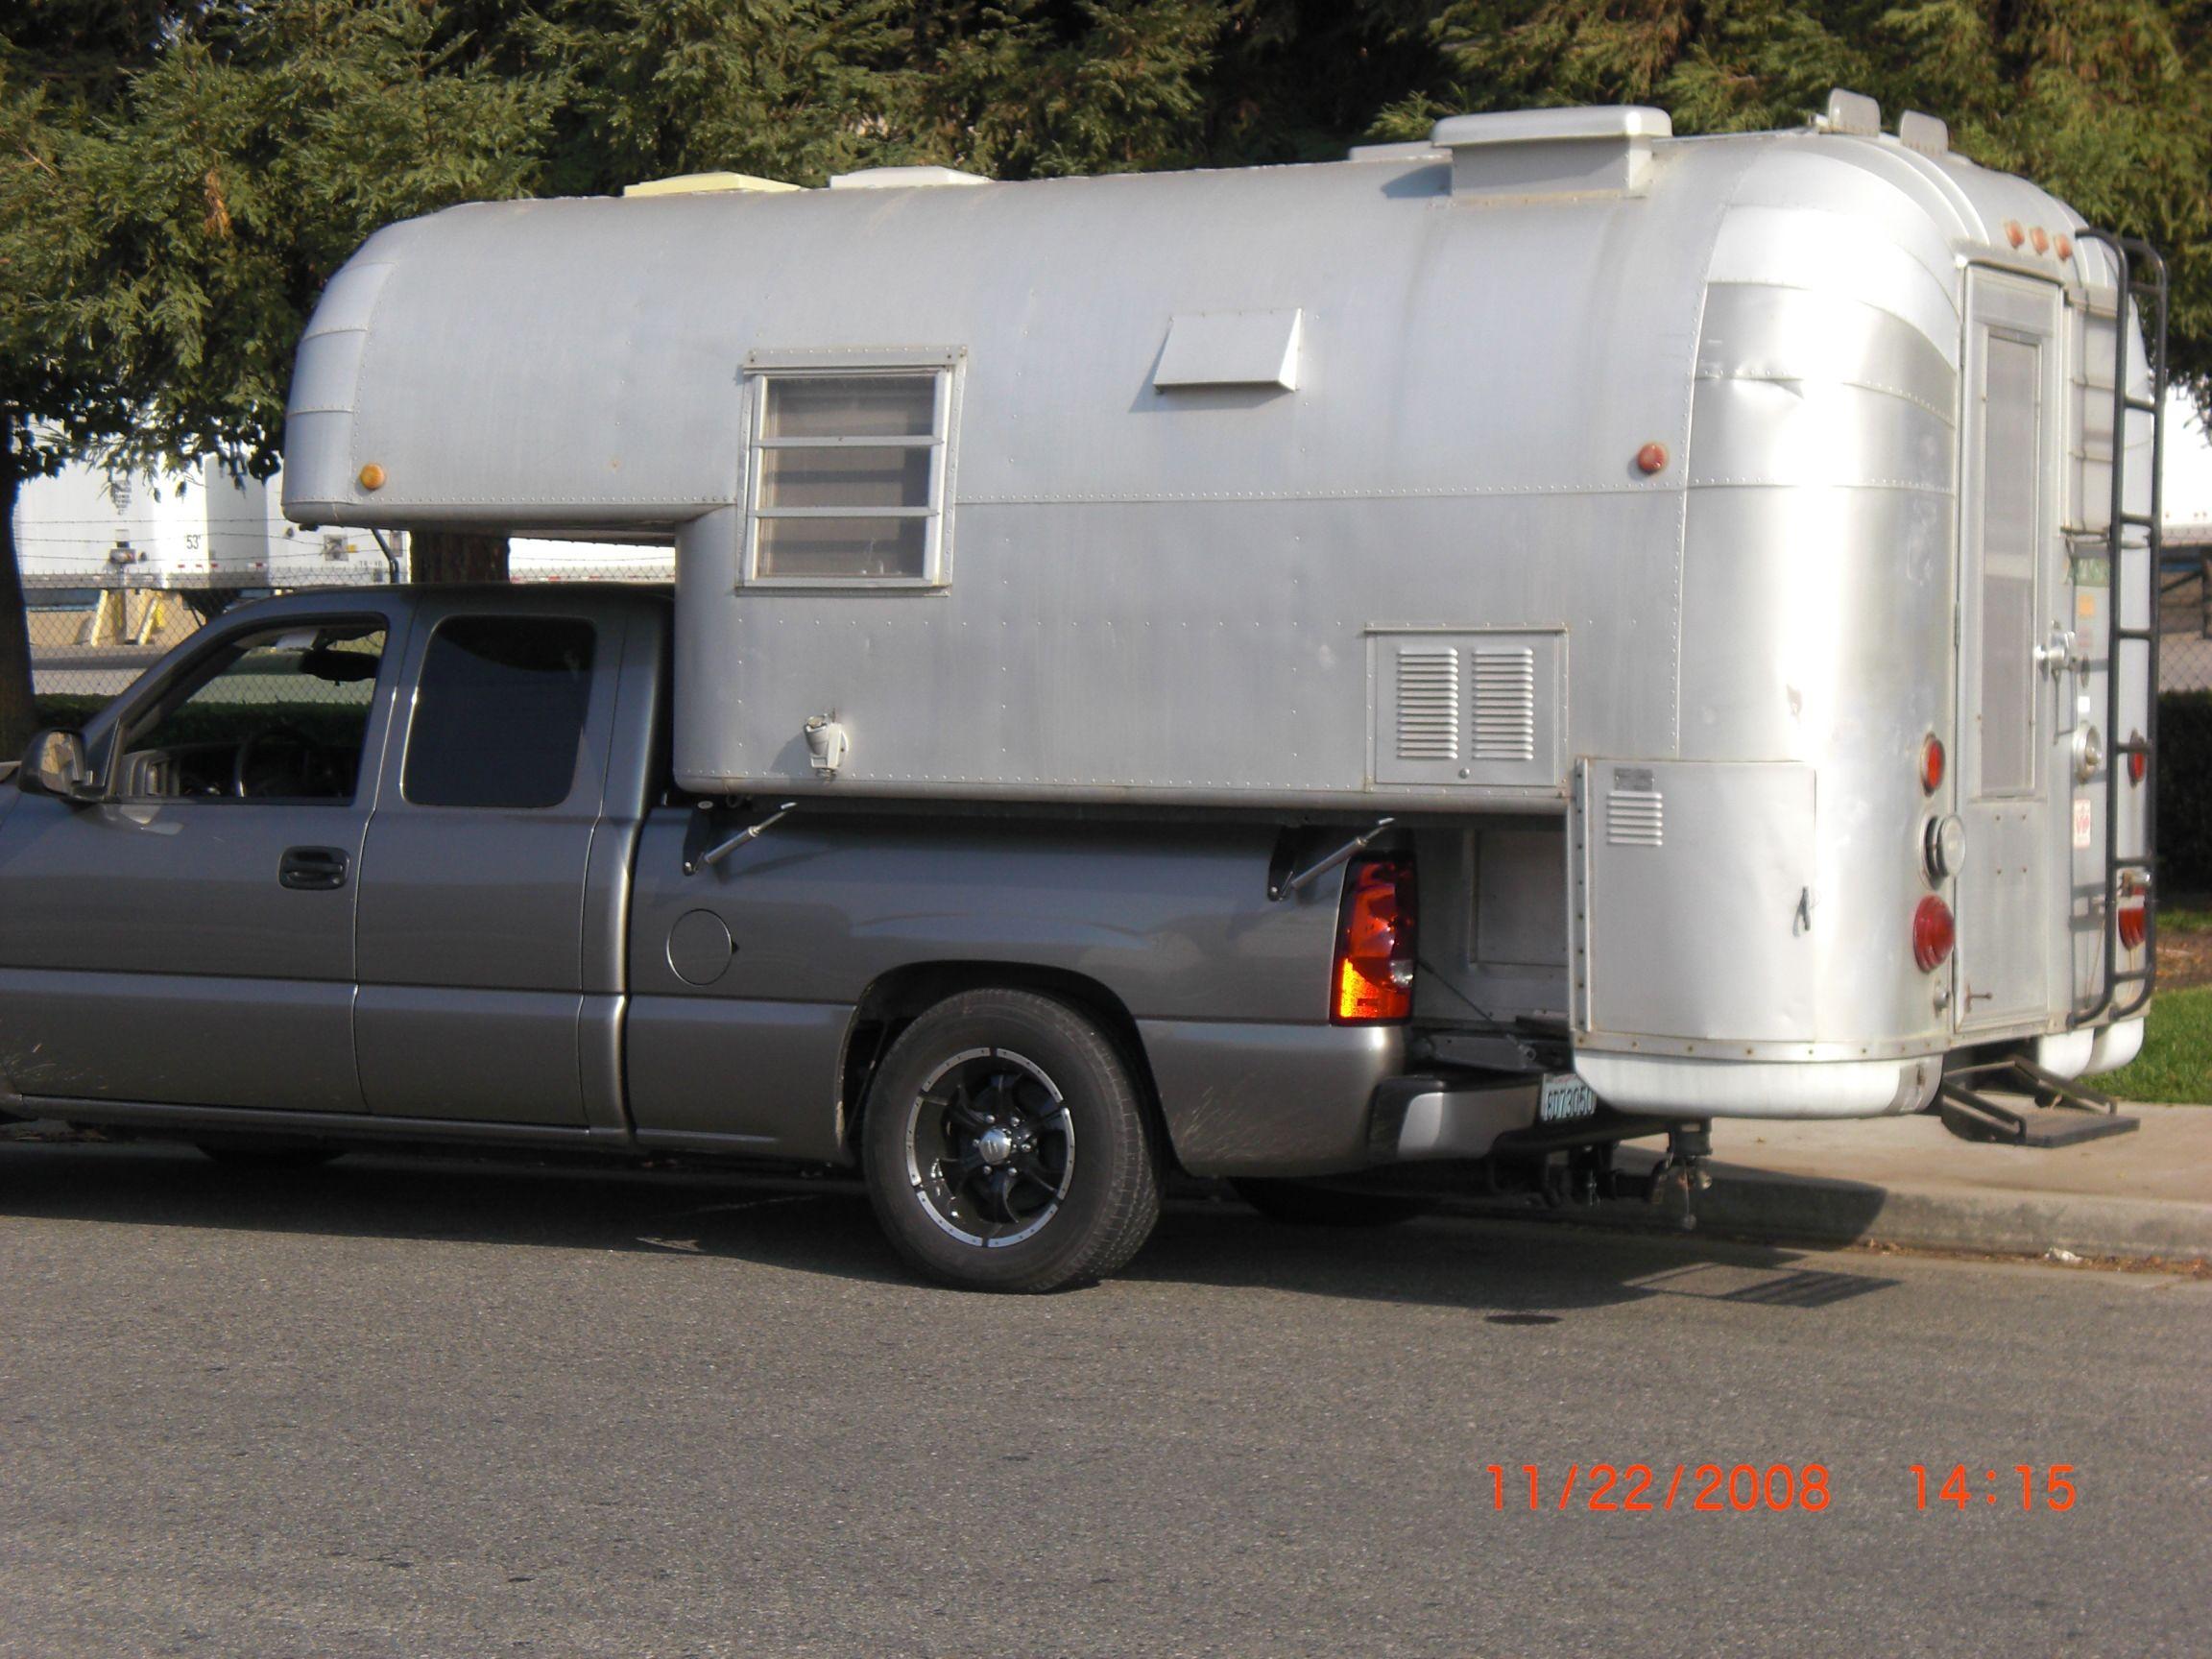 Avion Truck Camper Google Search Truck Camper Truck Camper